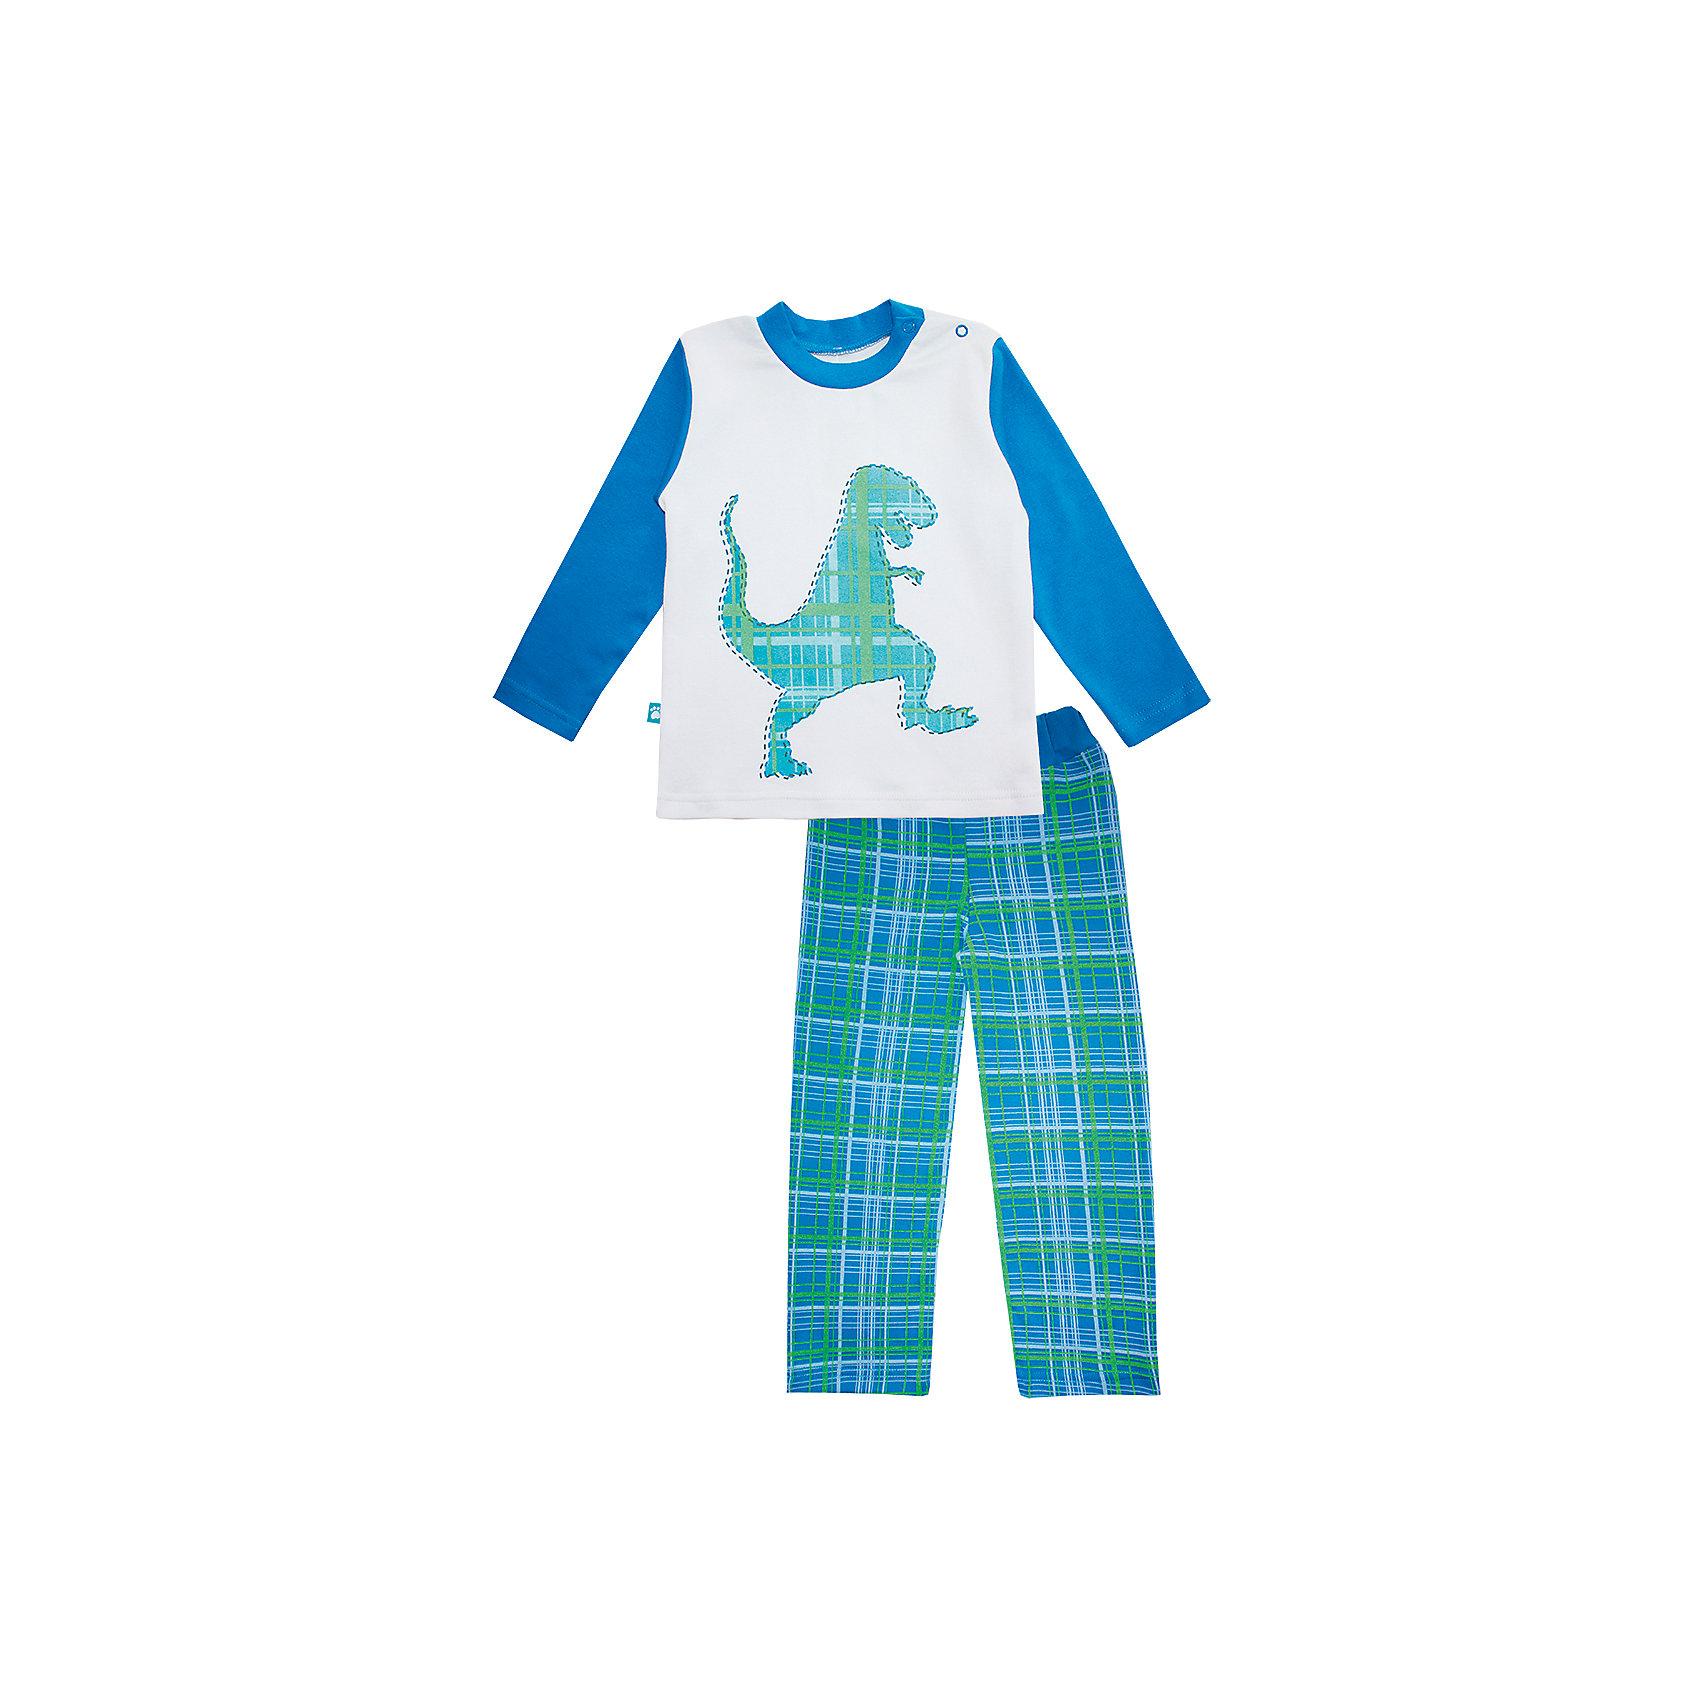 Комплект: свиншот и штаны для мальчика КотМарКотКомплект: свиншот и штаны для мальчика КотМарКот<br>Состав:<br>100% хлопок<br><br>Ширина мм: 281<br>Глубина мм: 70<br>Высота мм: 188<br>Вес г: 295<br>Цвет: разноцветный<br>Возраст от месяцев: 18<br>Возраст до месяцев: 24<br>Пол: Мужской<br>Возраст: Детский<br>Размер: 92,134,128,122,116,110,104,98<br>SKU: 5069395